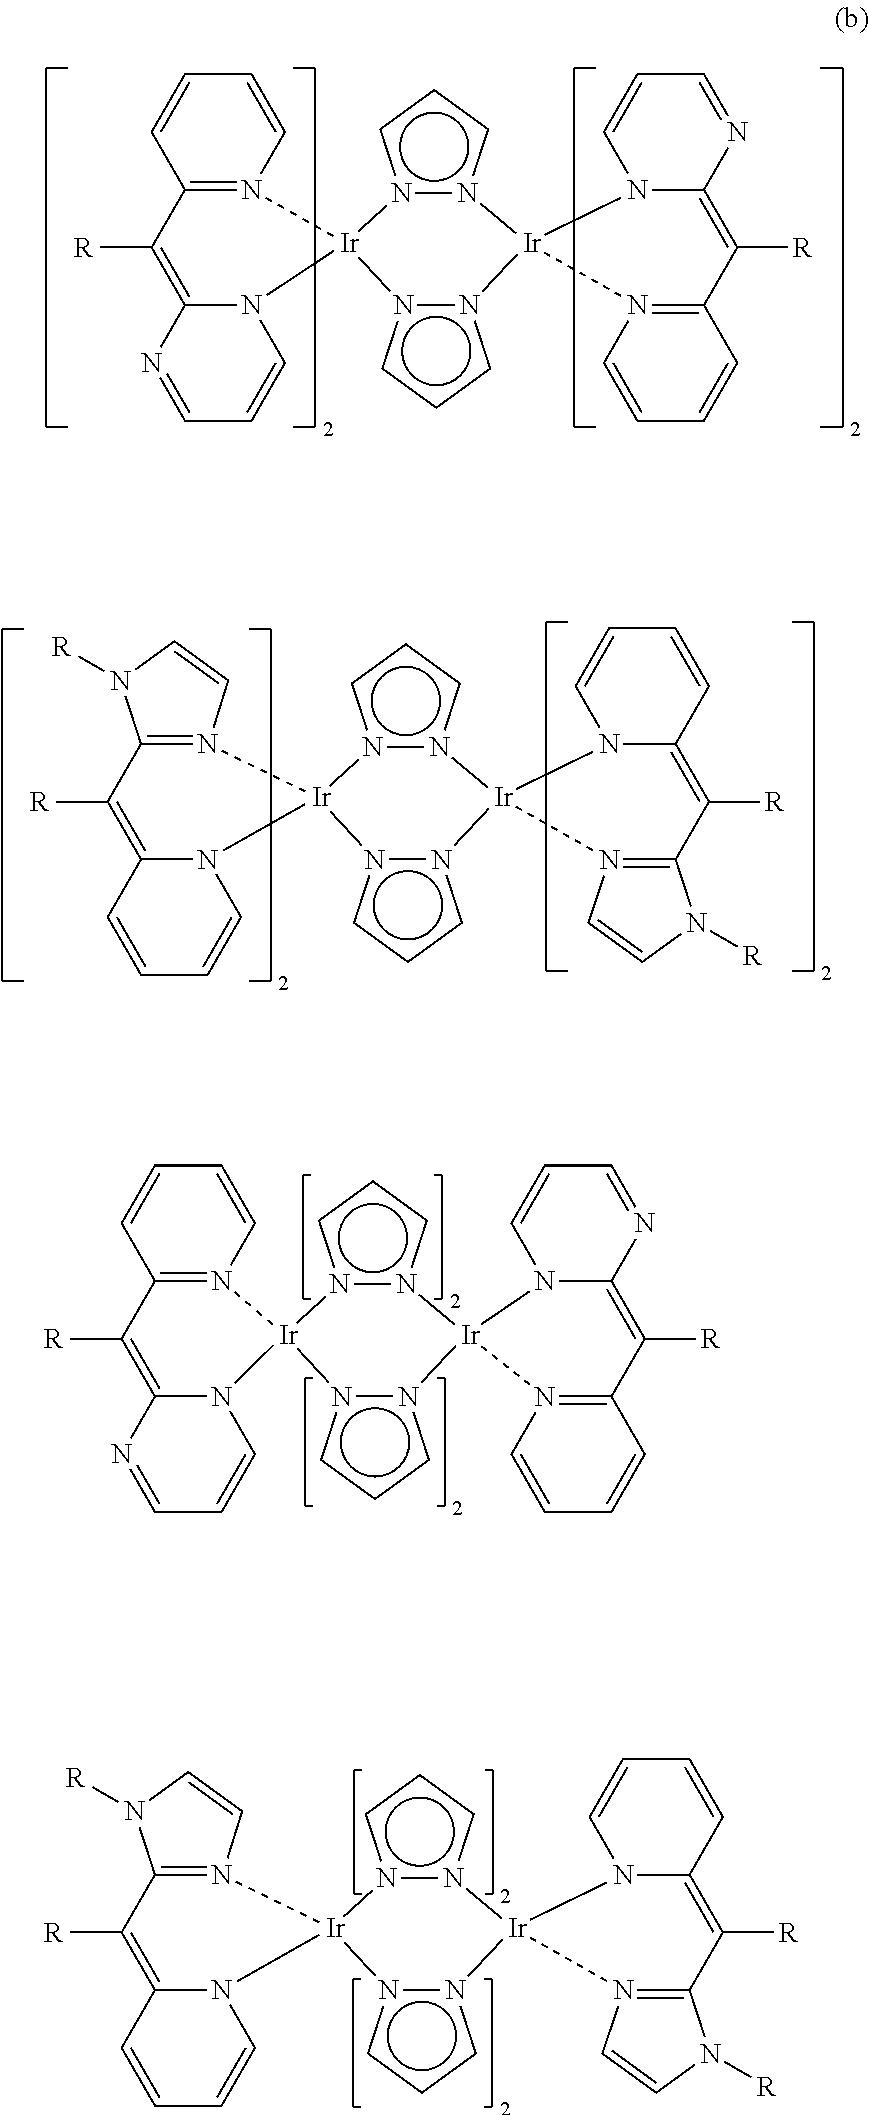 Figure US09966544-20180508-C00035